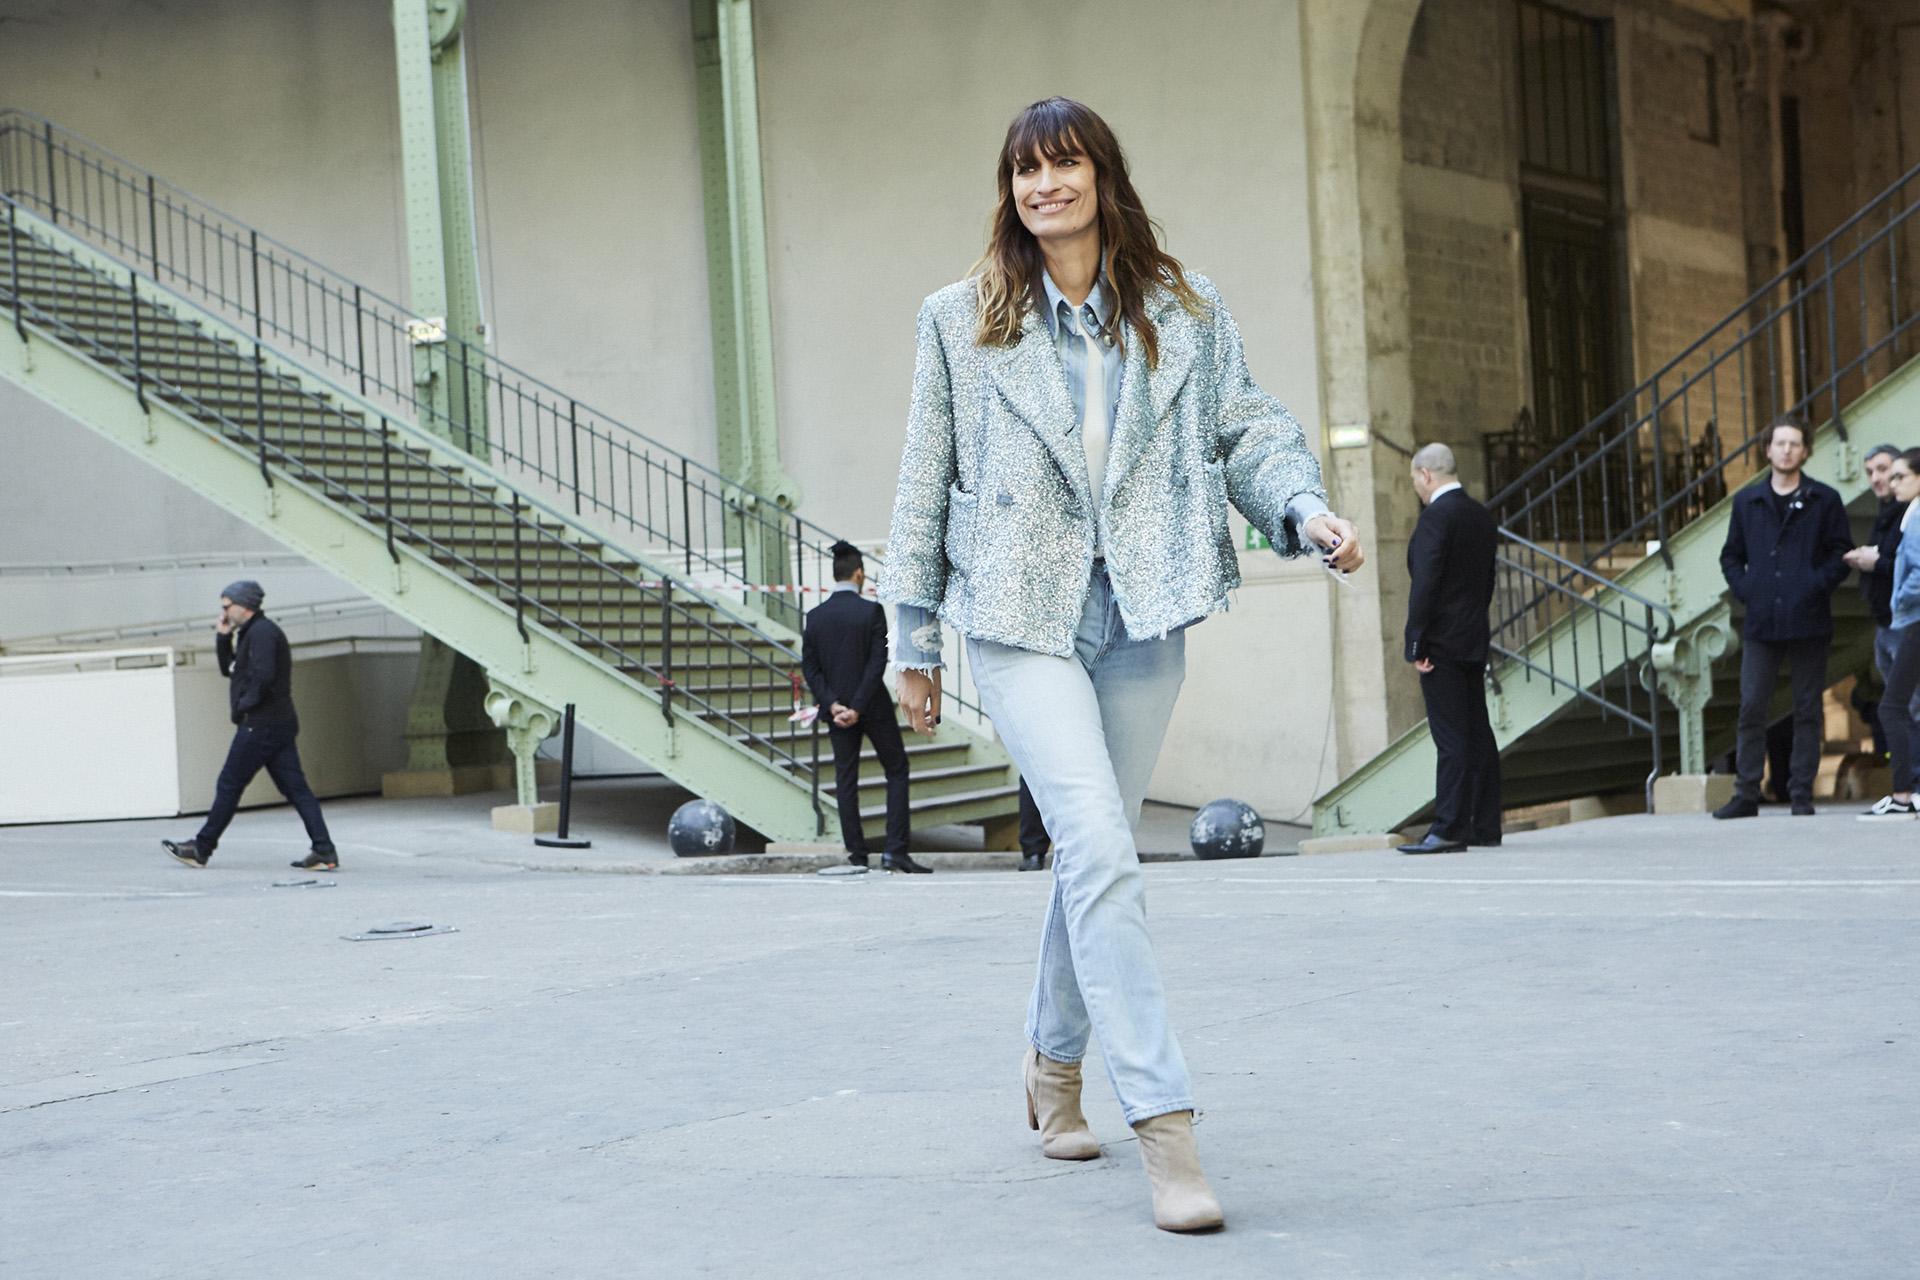 Caroline de Maigret, la modelo francesa impone su estilo chic y relajado en cada aparición pública, esta vez se inclinó porlook total denim, camisa, jeans y chaqueta tweed perteneciente a la colección Primavera-Verano Ready-to-Wear 2018.